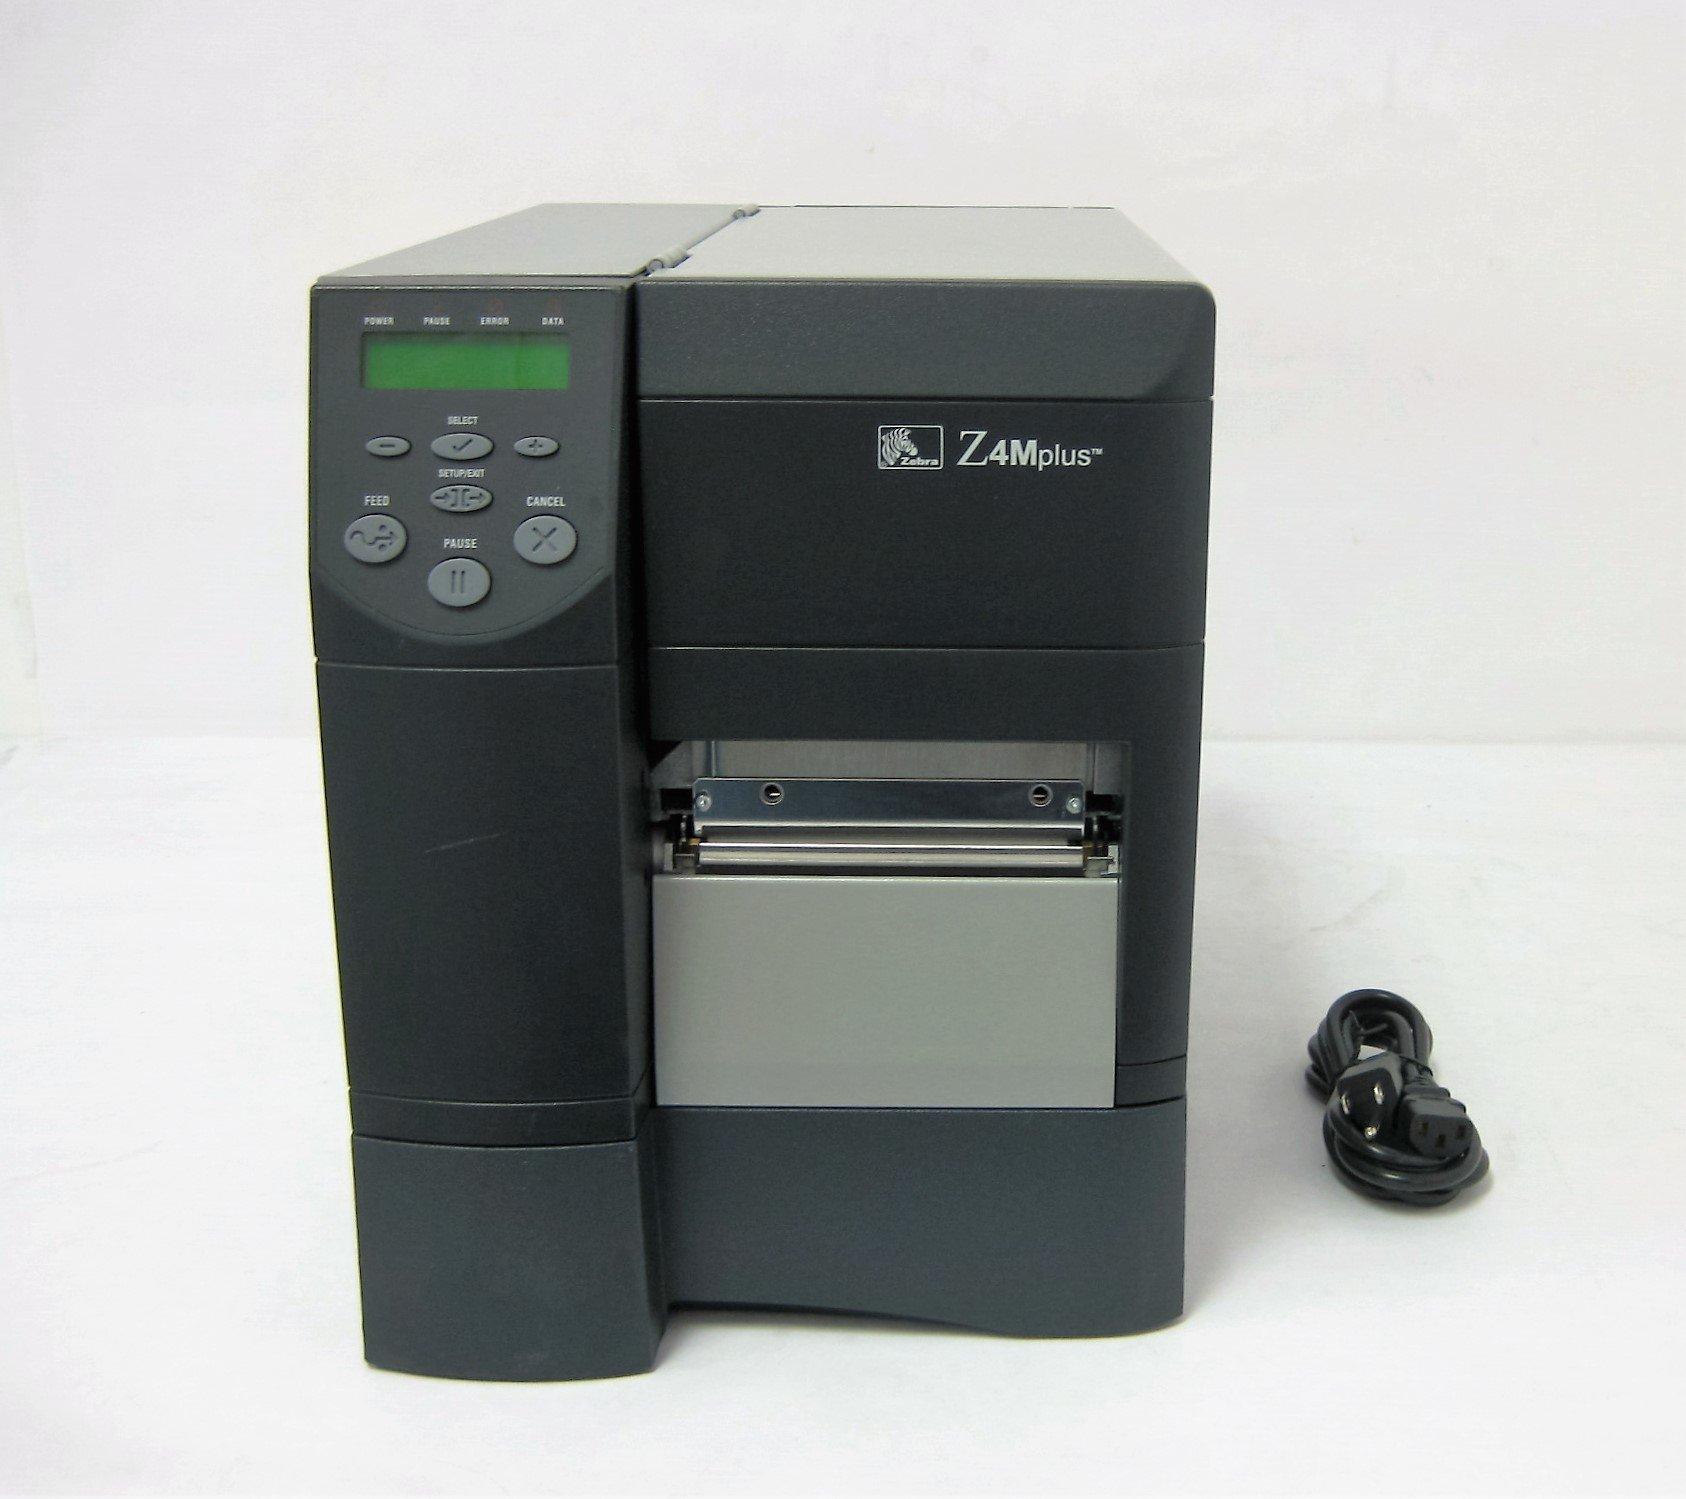 ZEBRA Z4M Plus Z4M00-2001-0000 Z4M+ 203dpi Thermal-Transfer Barcode Label Tag Printer